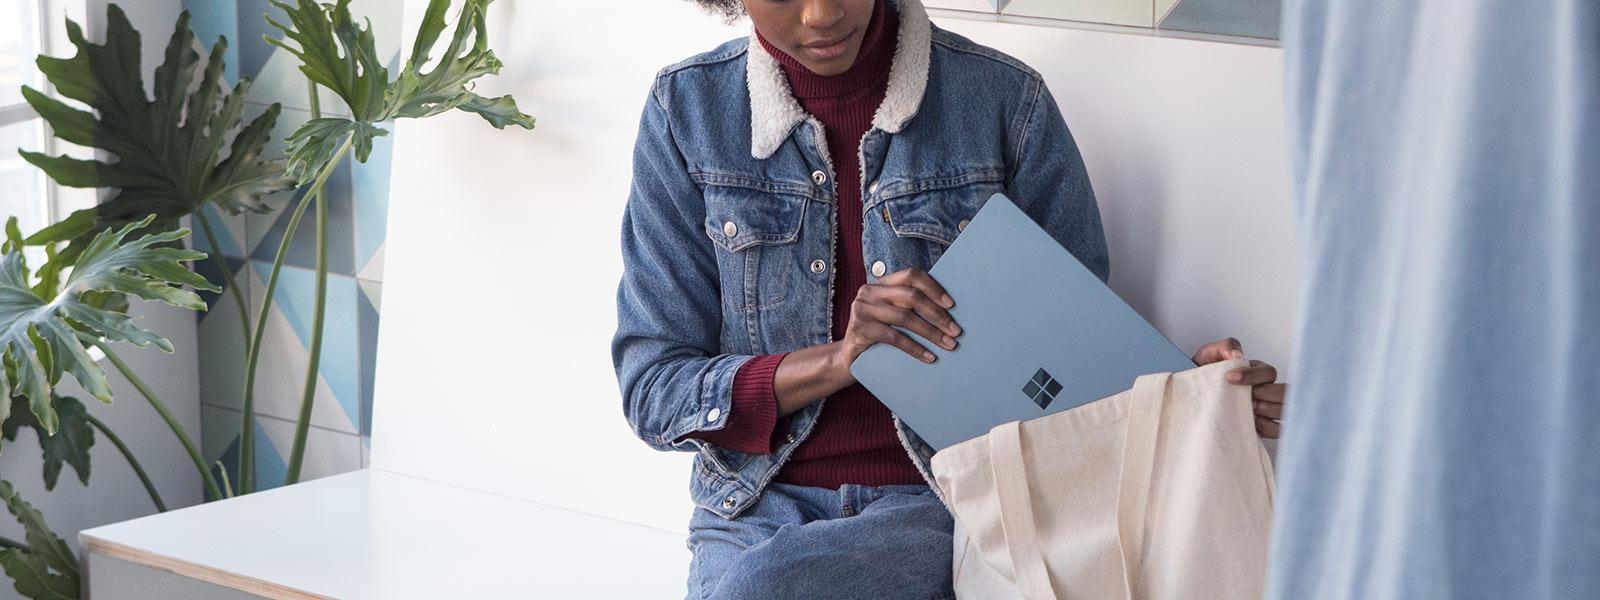 女人將 Surface Laptop 放進她的包包。